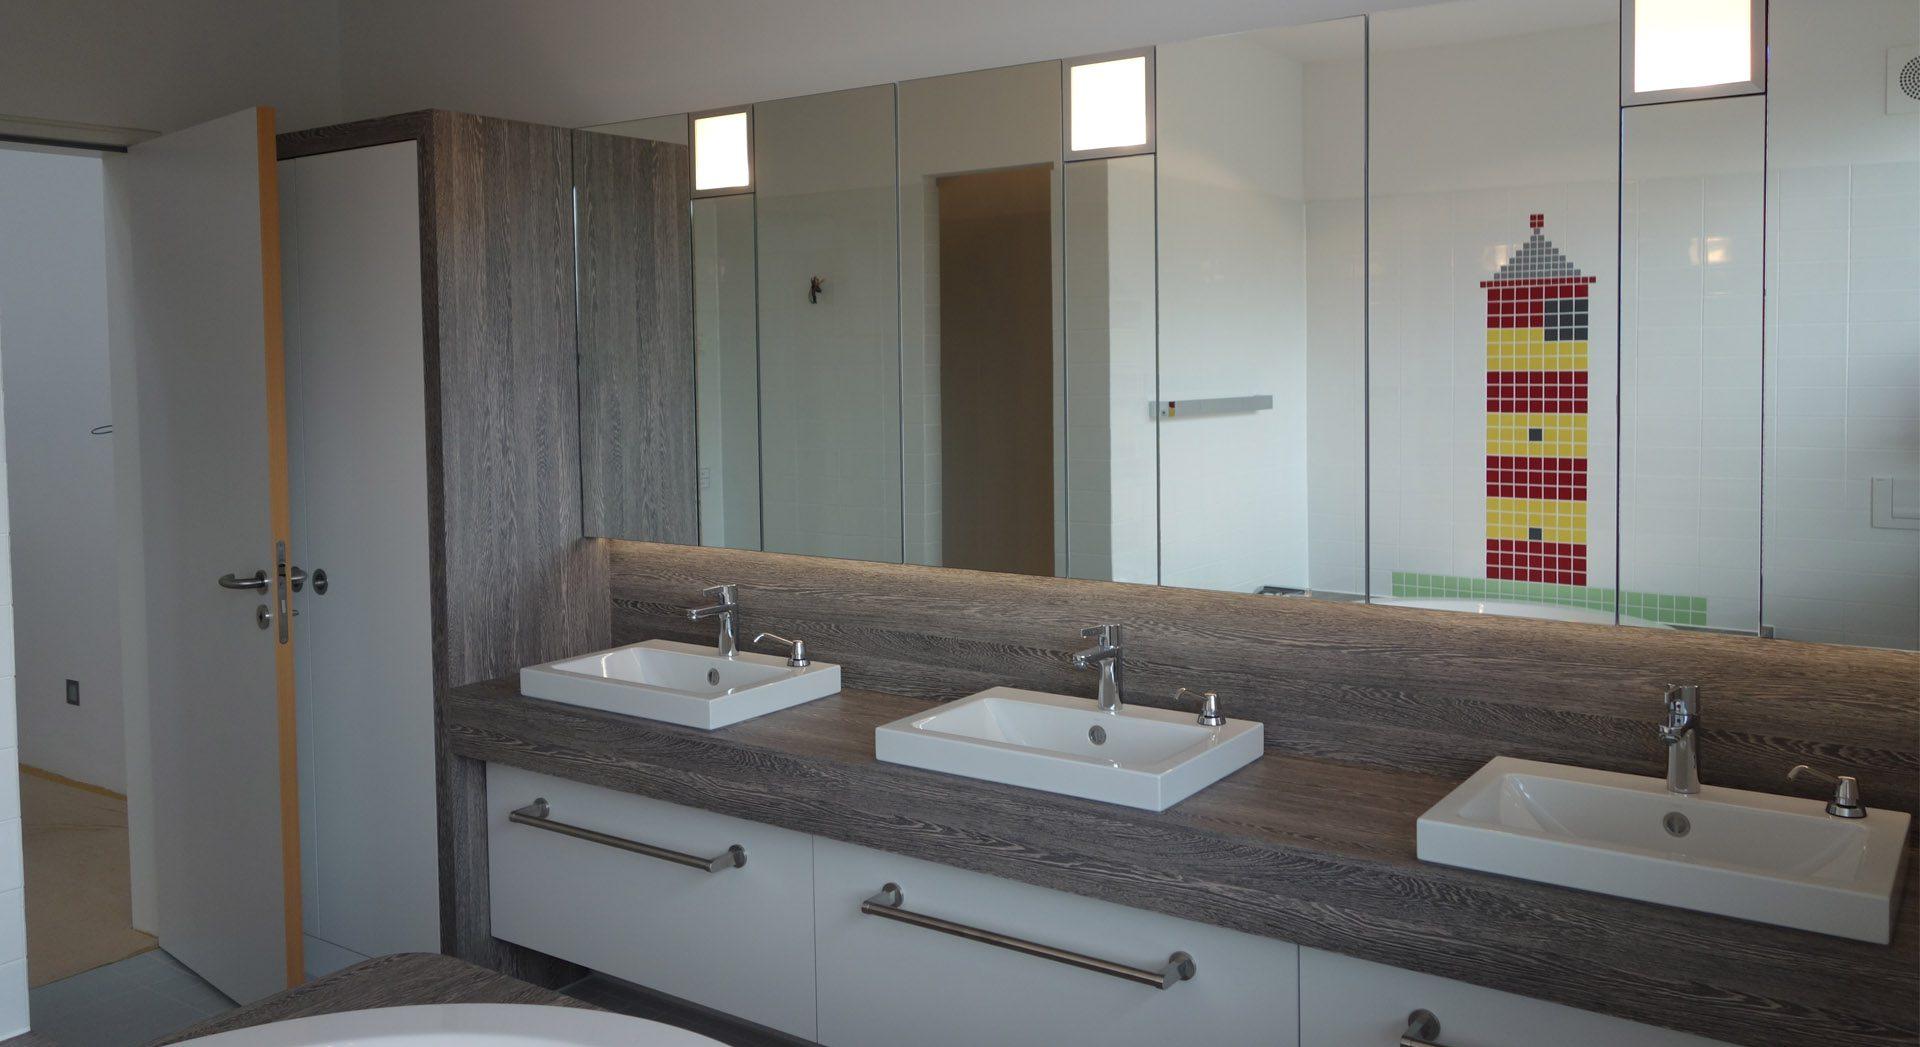 Innenarchitektur; Möbeldesign; Badgestaltung; Einfamilienhaus;